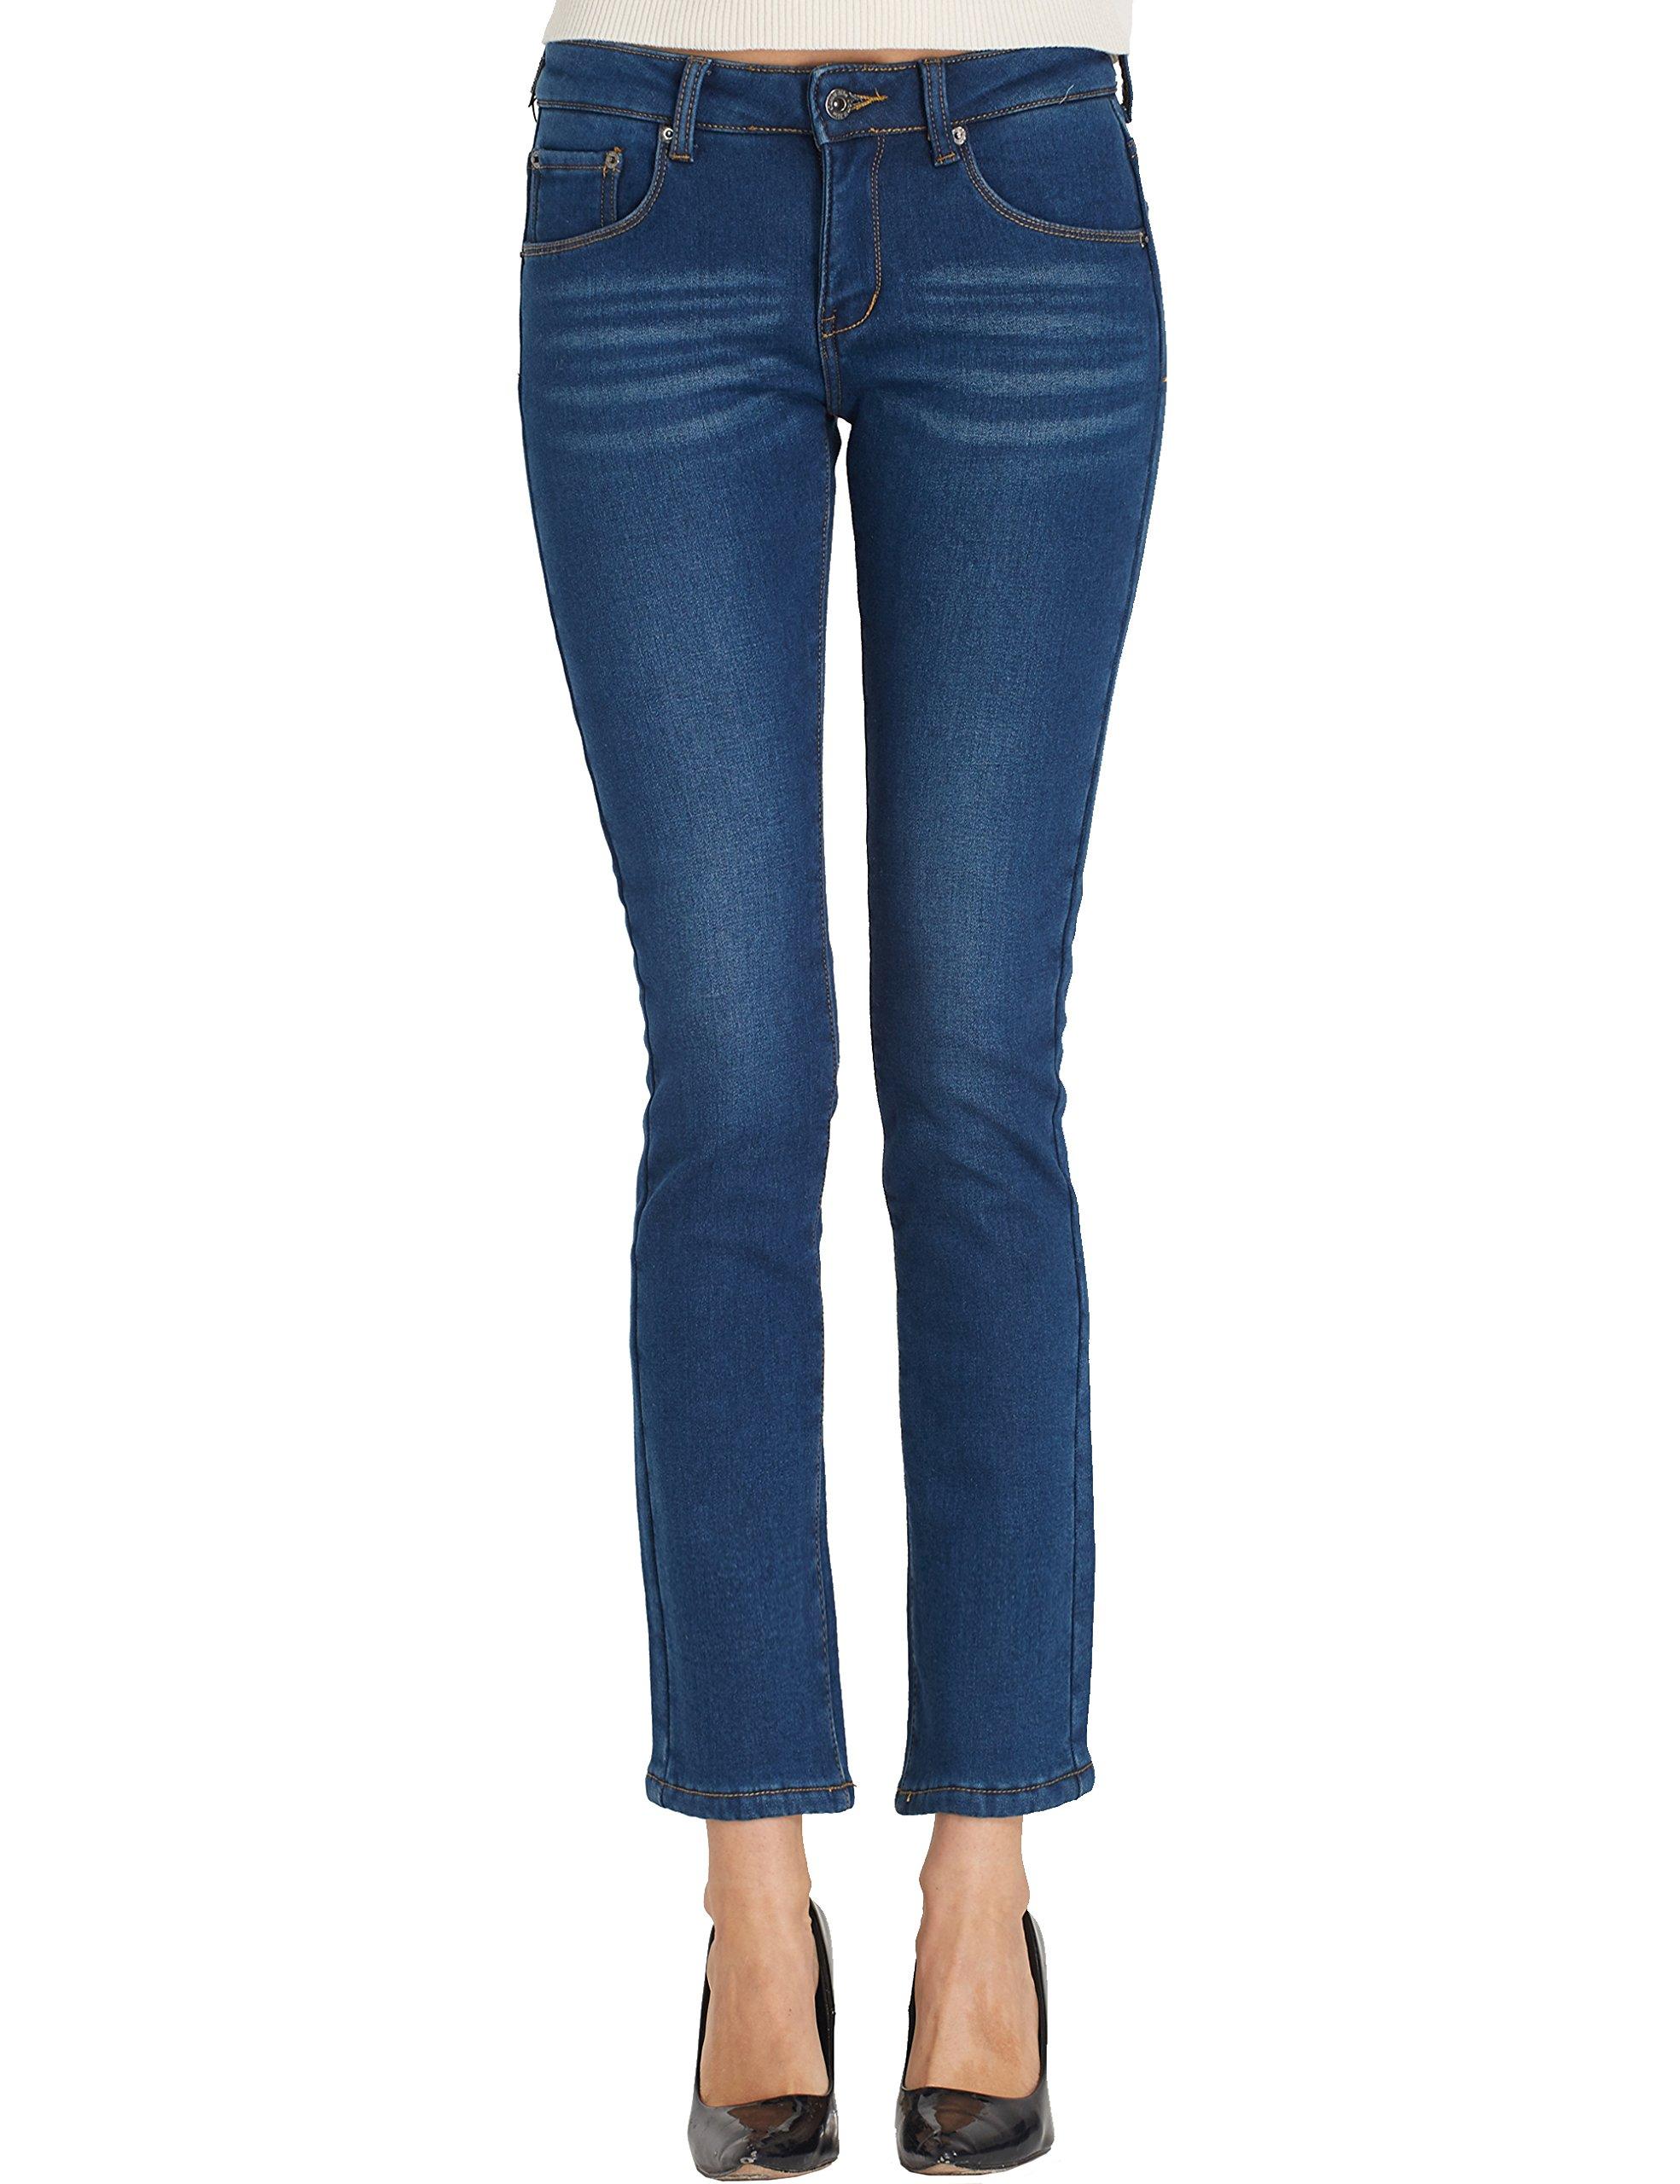 Camii Mia Women's Slim Fit Fleece Skinny Jeans (W32 x L30, Blue (831-2)) by Camii Mia